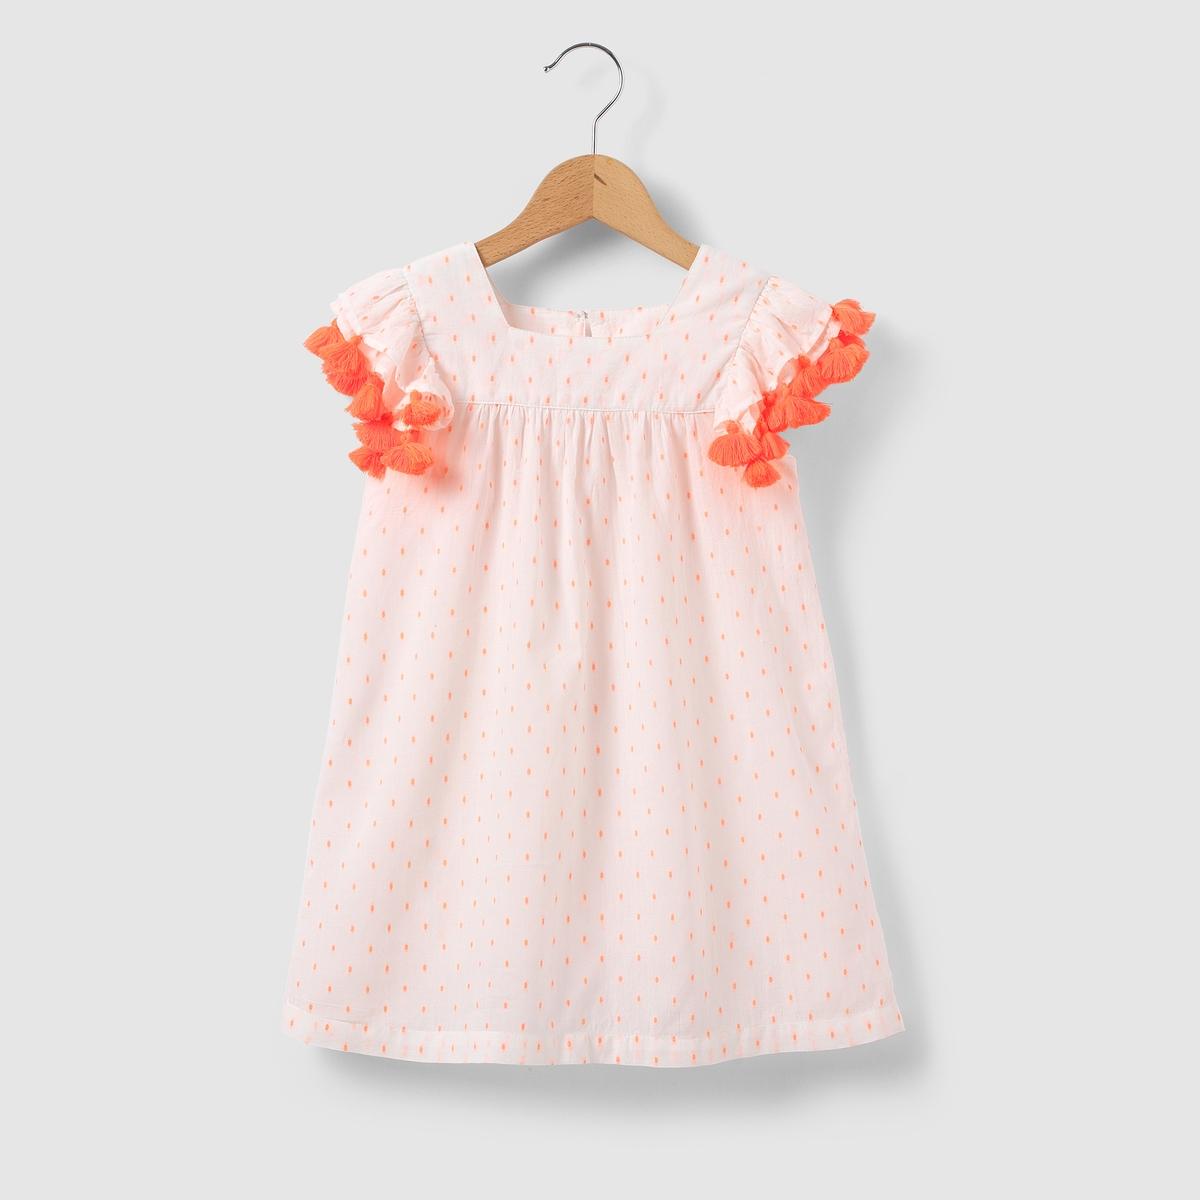 Блузка с короткими рукавами, украшенными помпонами, 3-12 лет